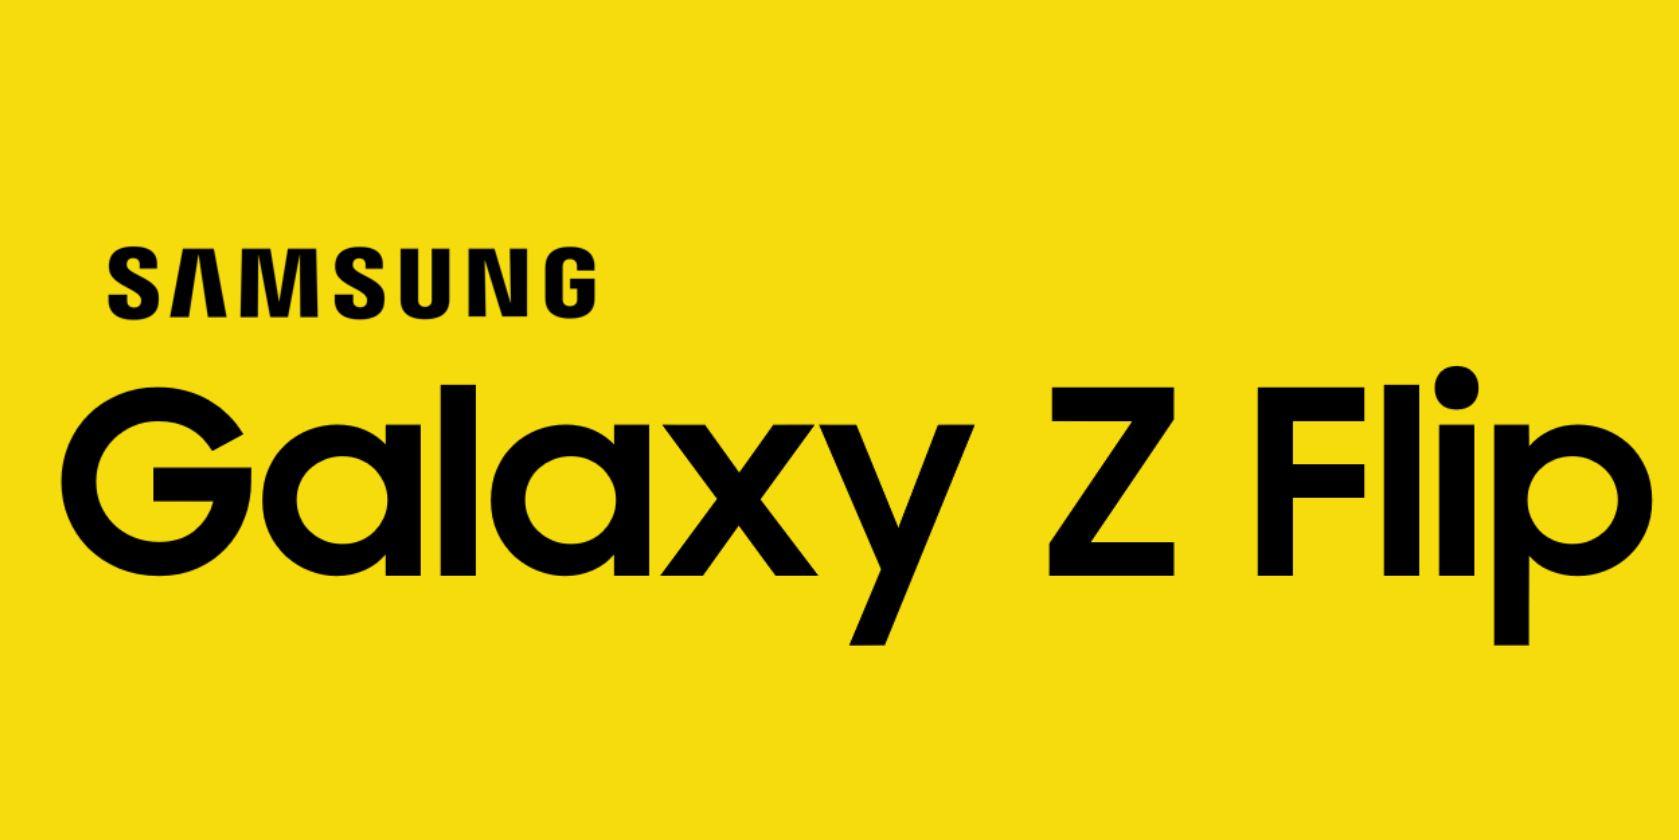 Samsung Galaxy Z Flip cena zamiast Galaxy Fold 2 Galaxy Bloom plotki przecieki wycieki kiedy premiera specyfikacja dane techniczne Galaxy S20